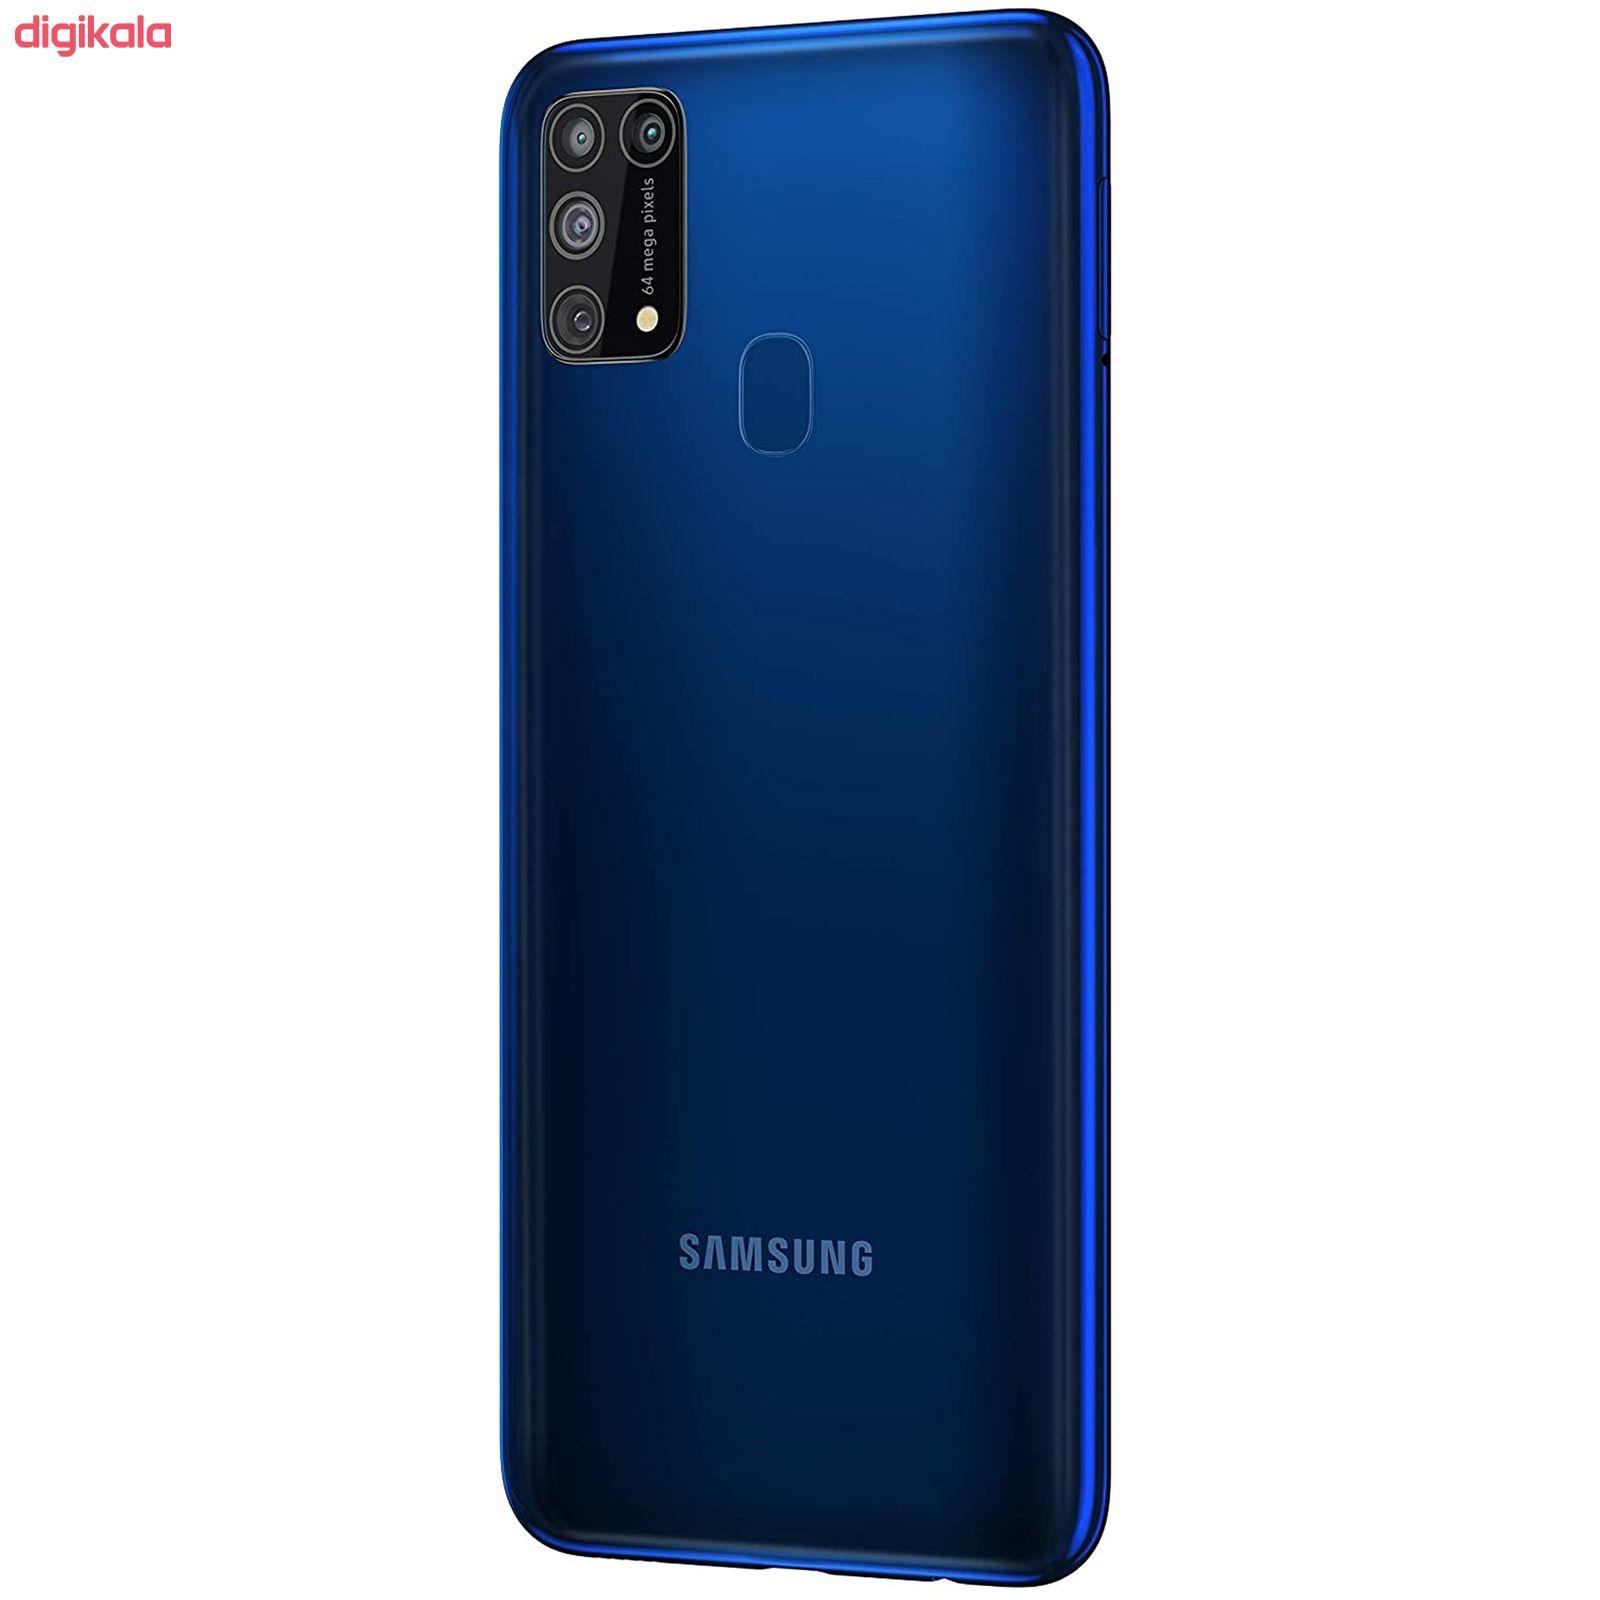 گوشی موبایل سامسونگ مدل Galaxy M31 SM-M315F/DSN دو سیم کارت ظرفیت 128گیگابایت  main 1 5